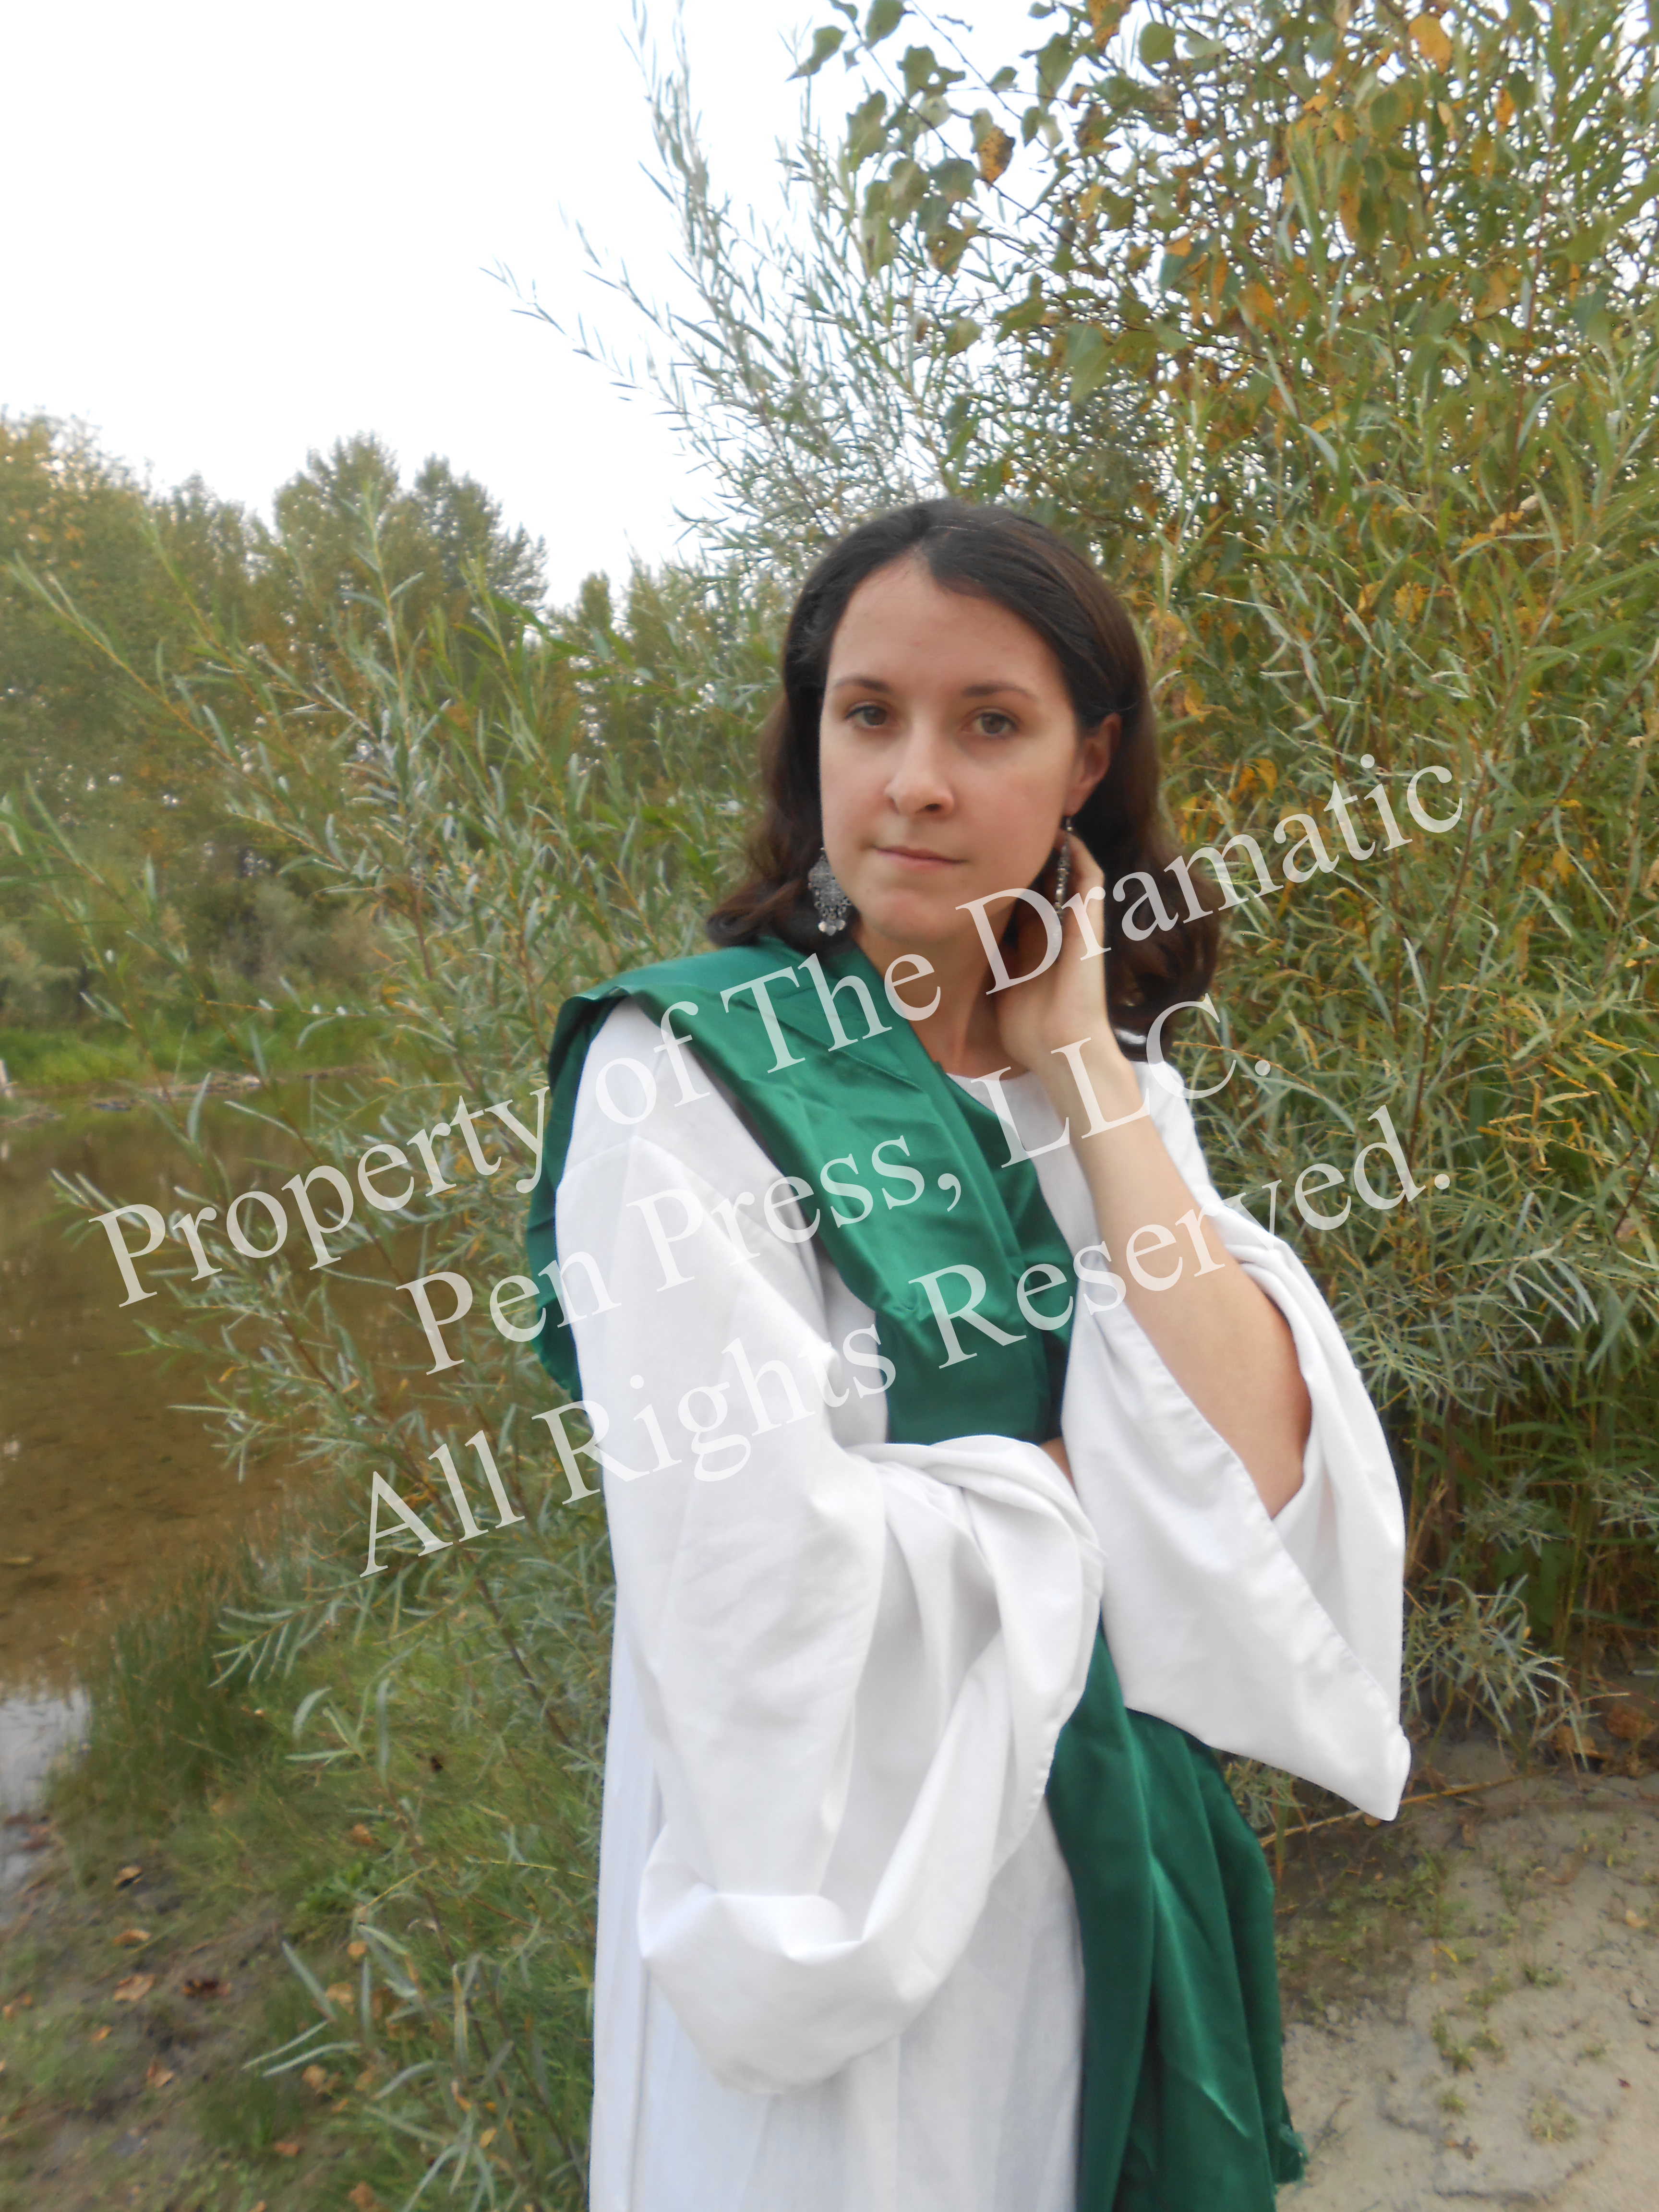 Biblical Woman Green White